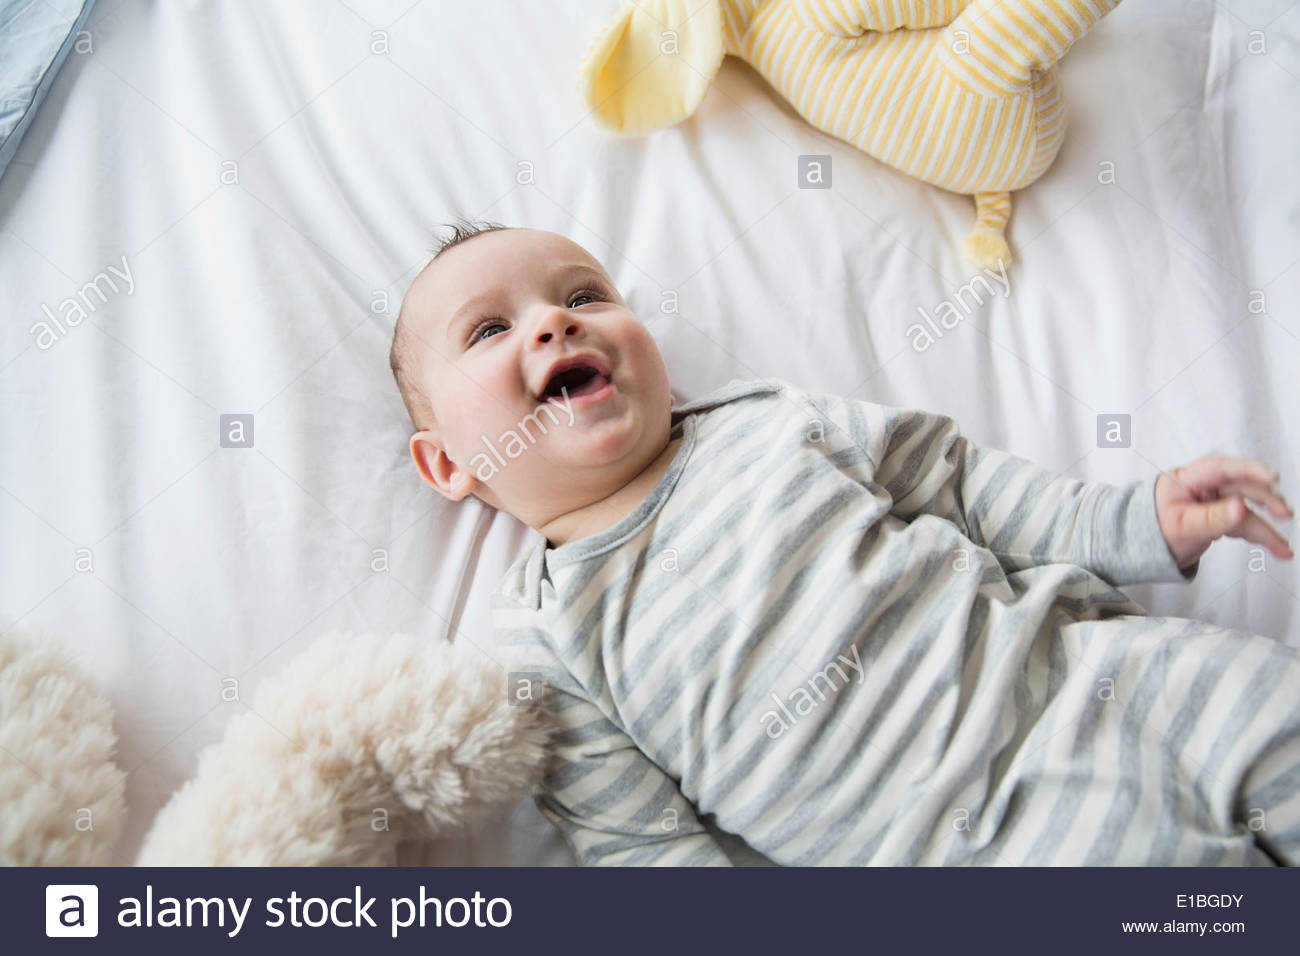 Laughing Baby sentando en la cama Imagen De Stock